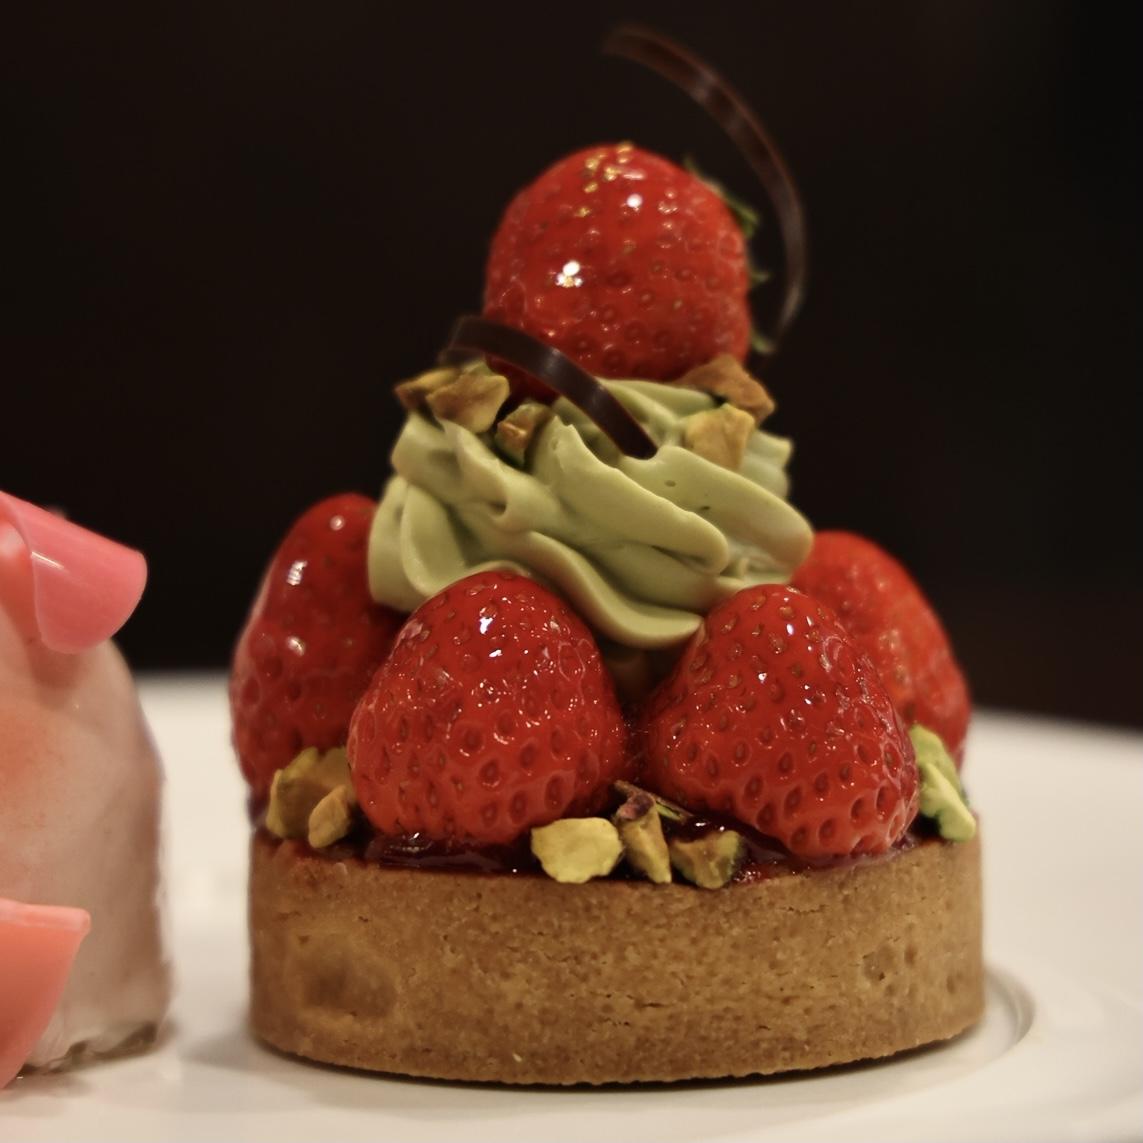 ピスタチオと完熟苺のタルト